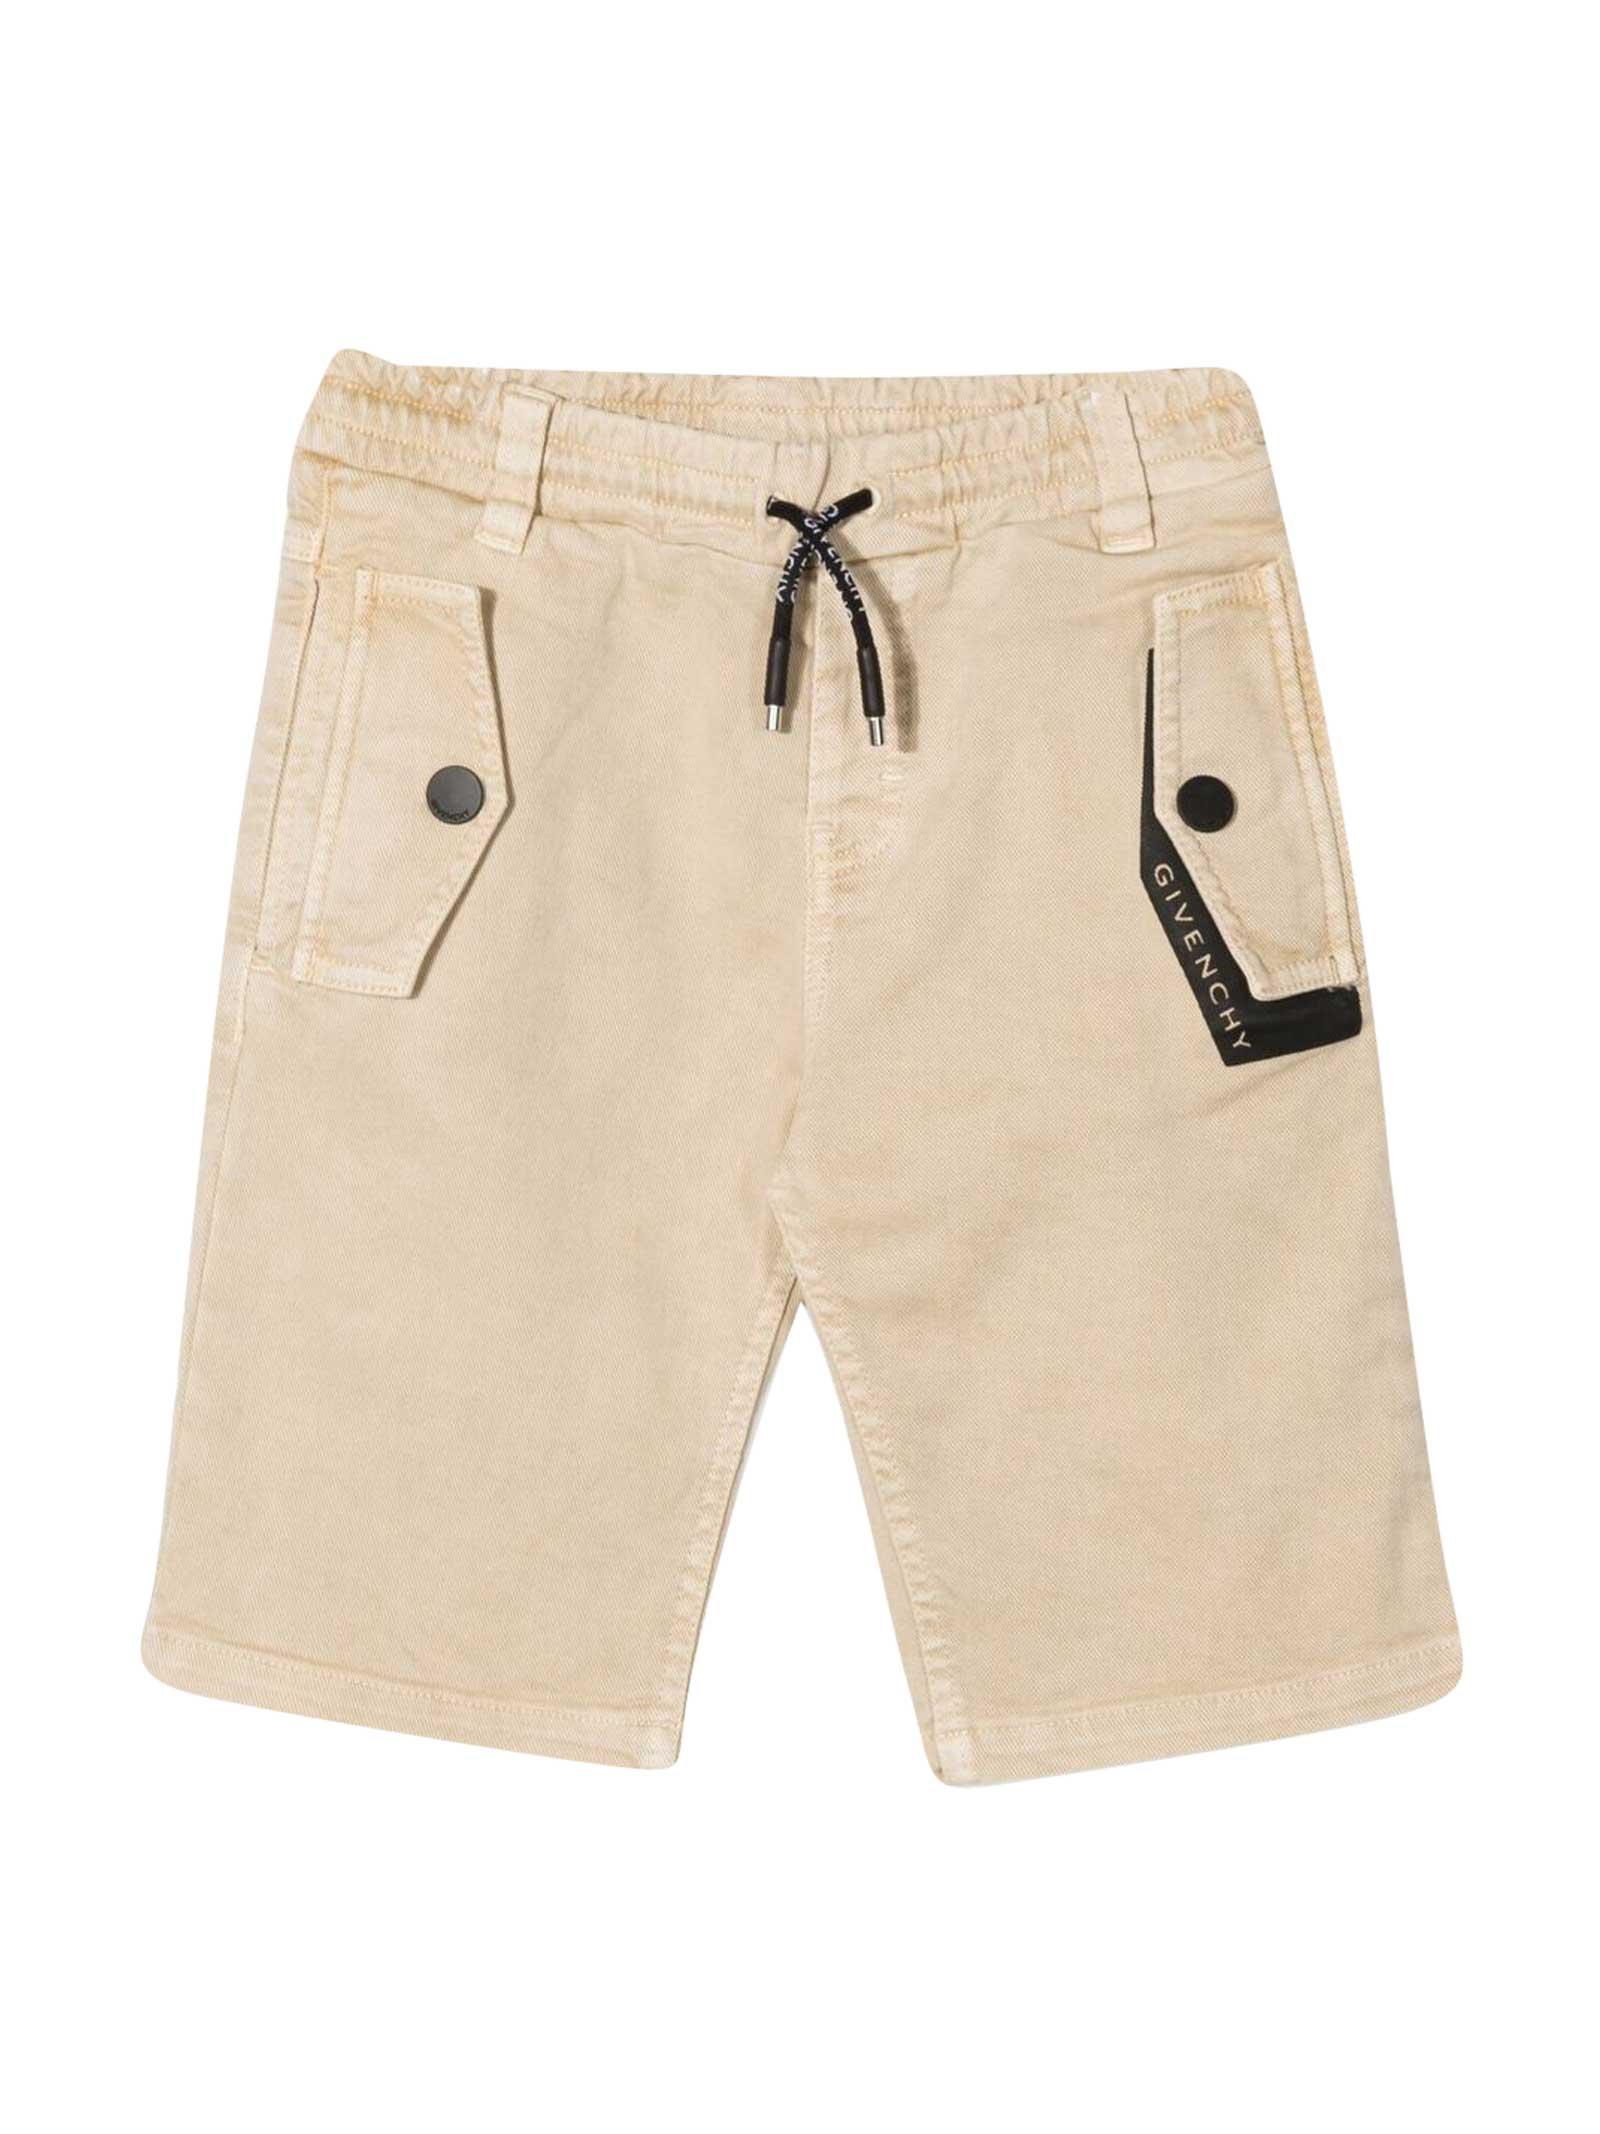 Givenchy Sand Bermuda Shorts